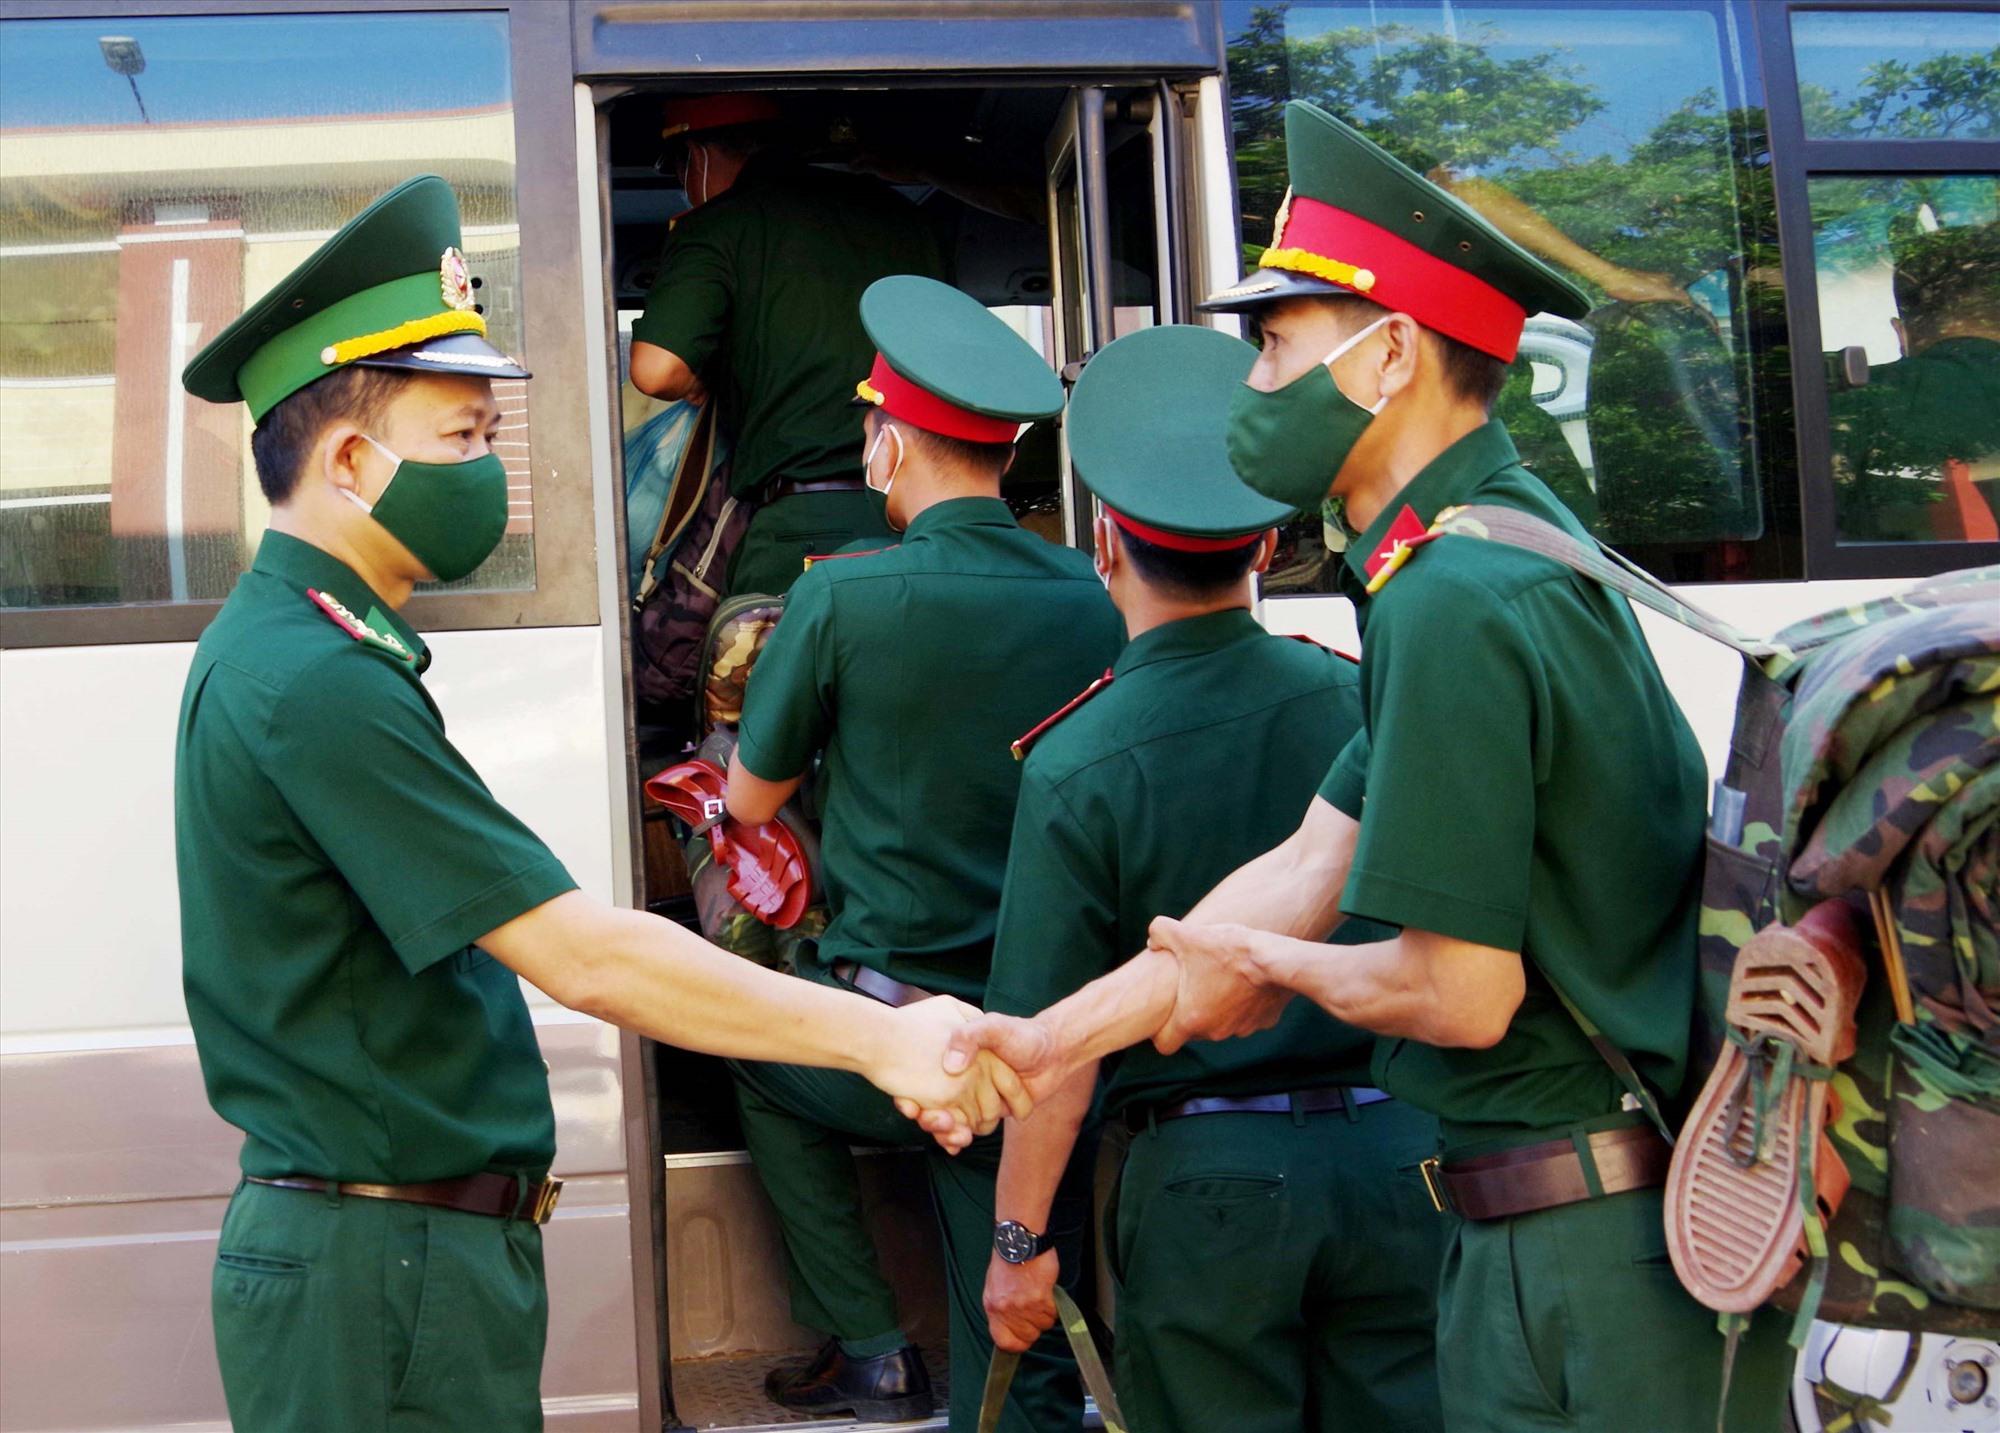 Đại diện lãnh đạo Bộ Chỉ huy BĐBP Quảng Nam tiễn các chiến sĩ lên đường. Ảnh: N.A